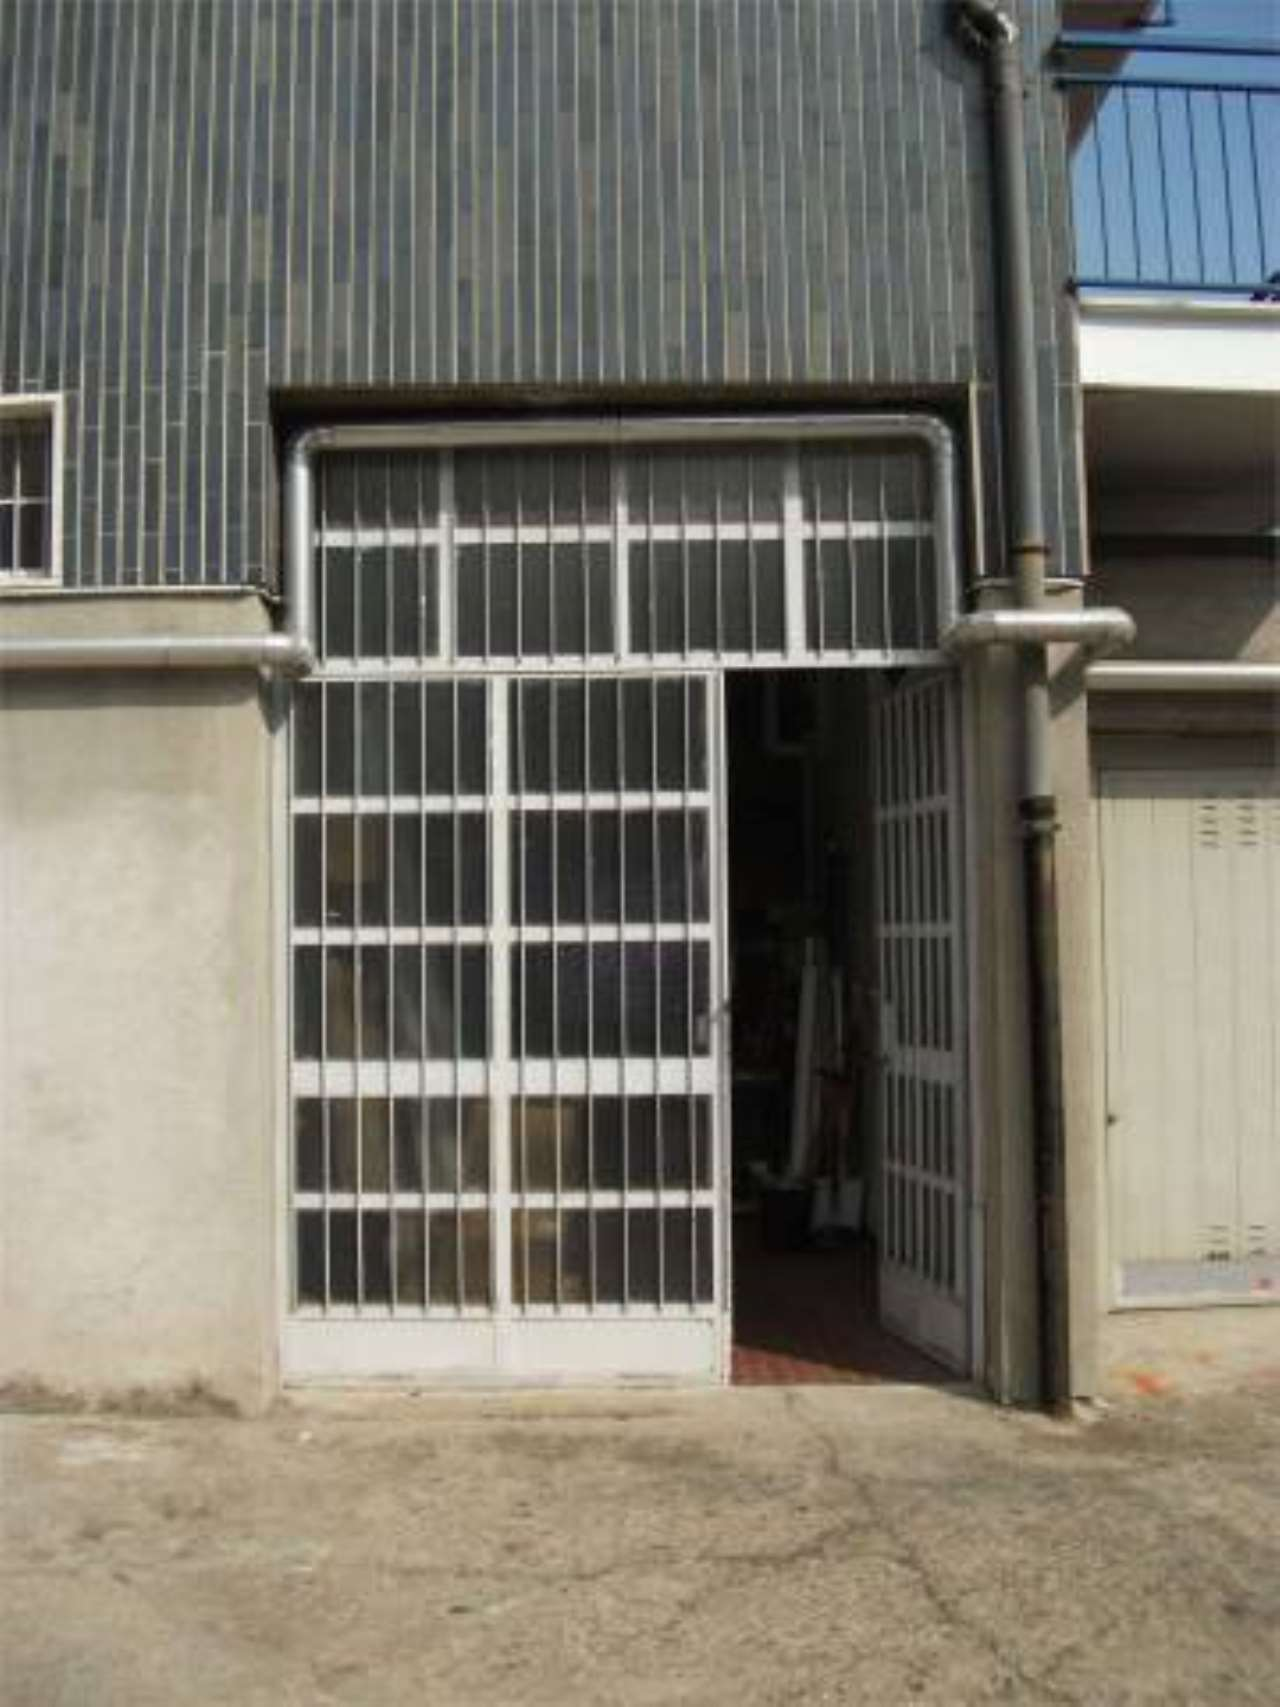 Laboratorio in vendita a Cassina de' Pecchi, 1 locali, prezzo € 100.000   CambioCasa.it